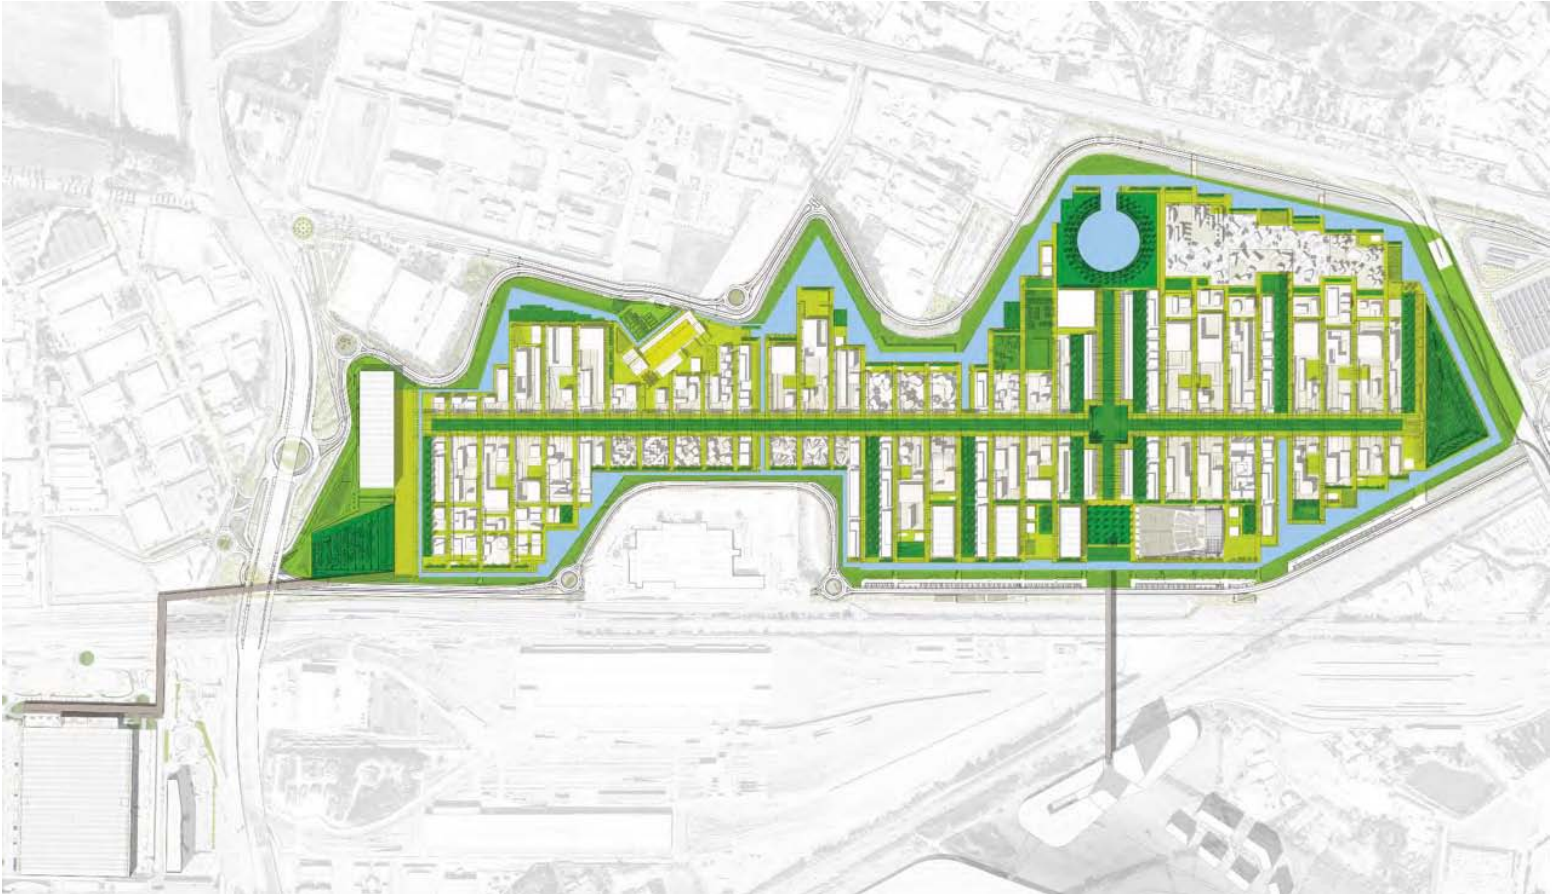 ساختار اکسپو میلان الهام گرفته از ساختار شهرهای رم باستان با دو محور عمود برهم است.